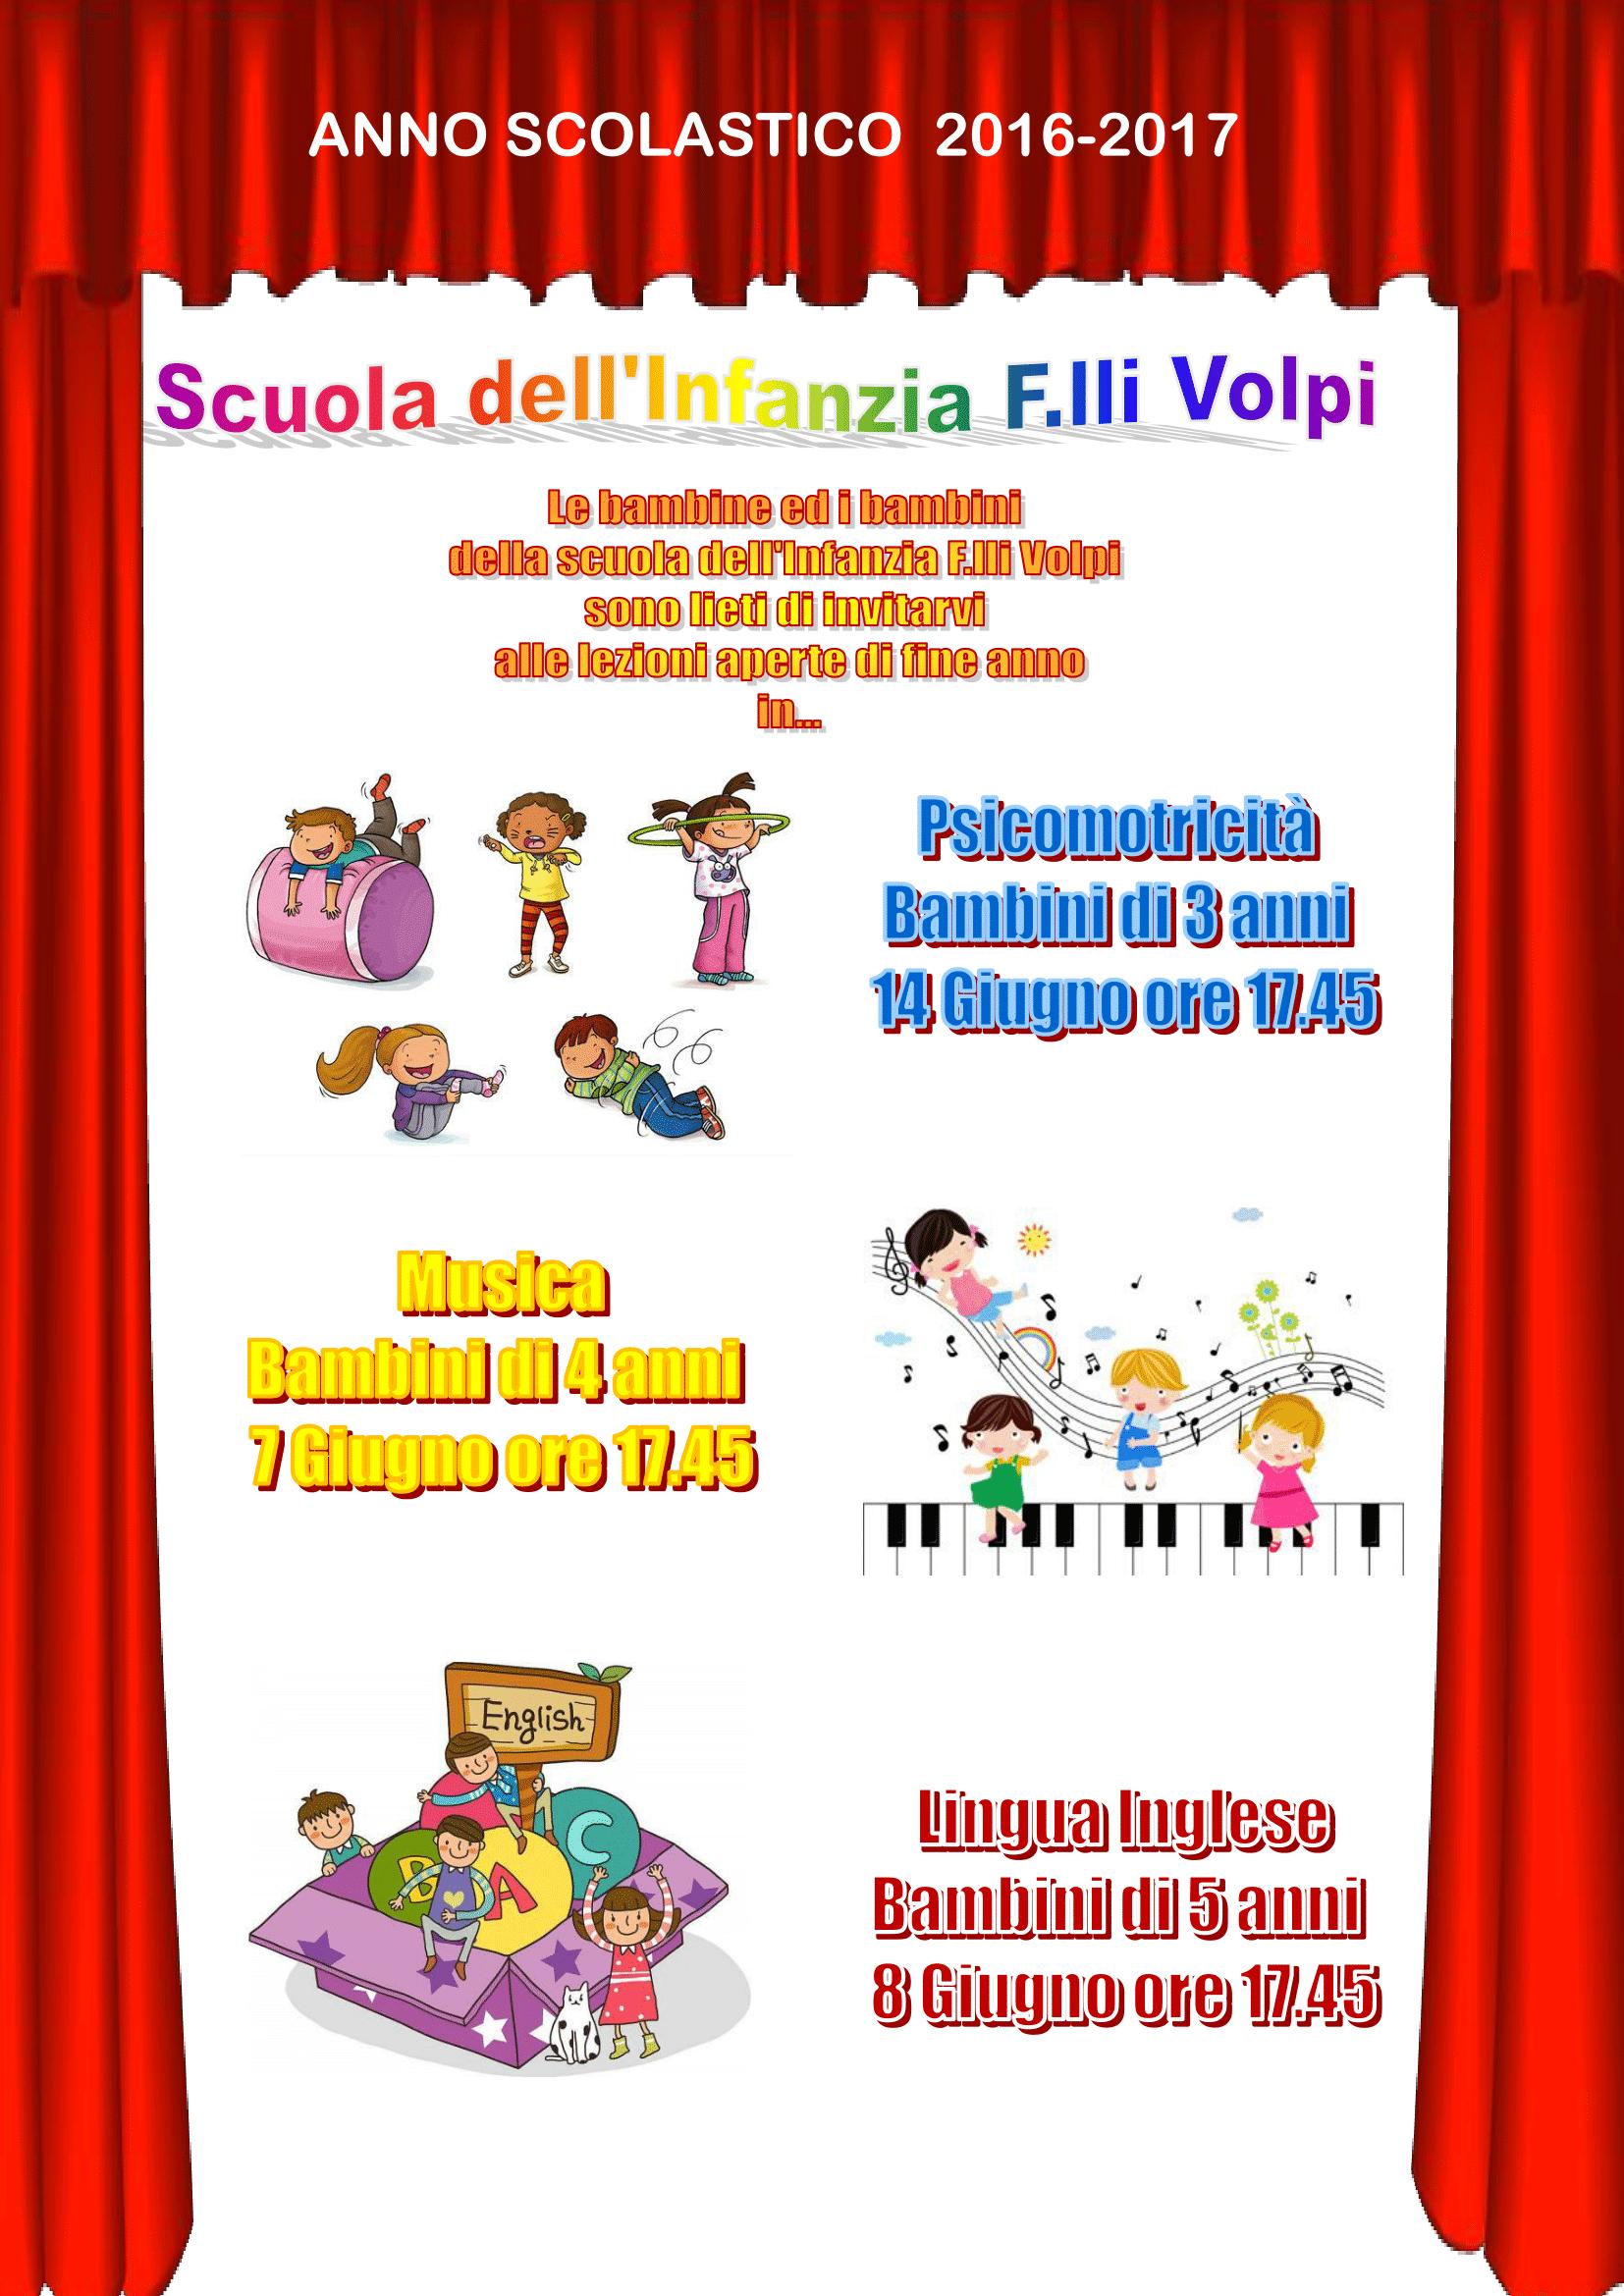 Calendario Bambini Scuola Infanzia.Ic Solari Scuola Dell Infanzia F Lli Volpi Calendario